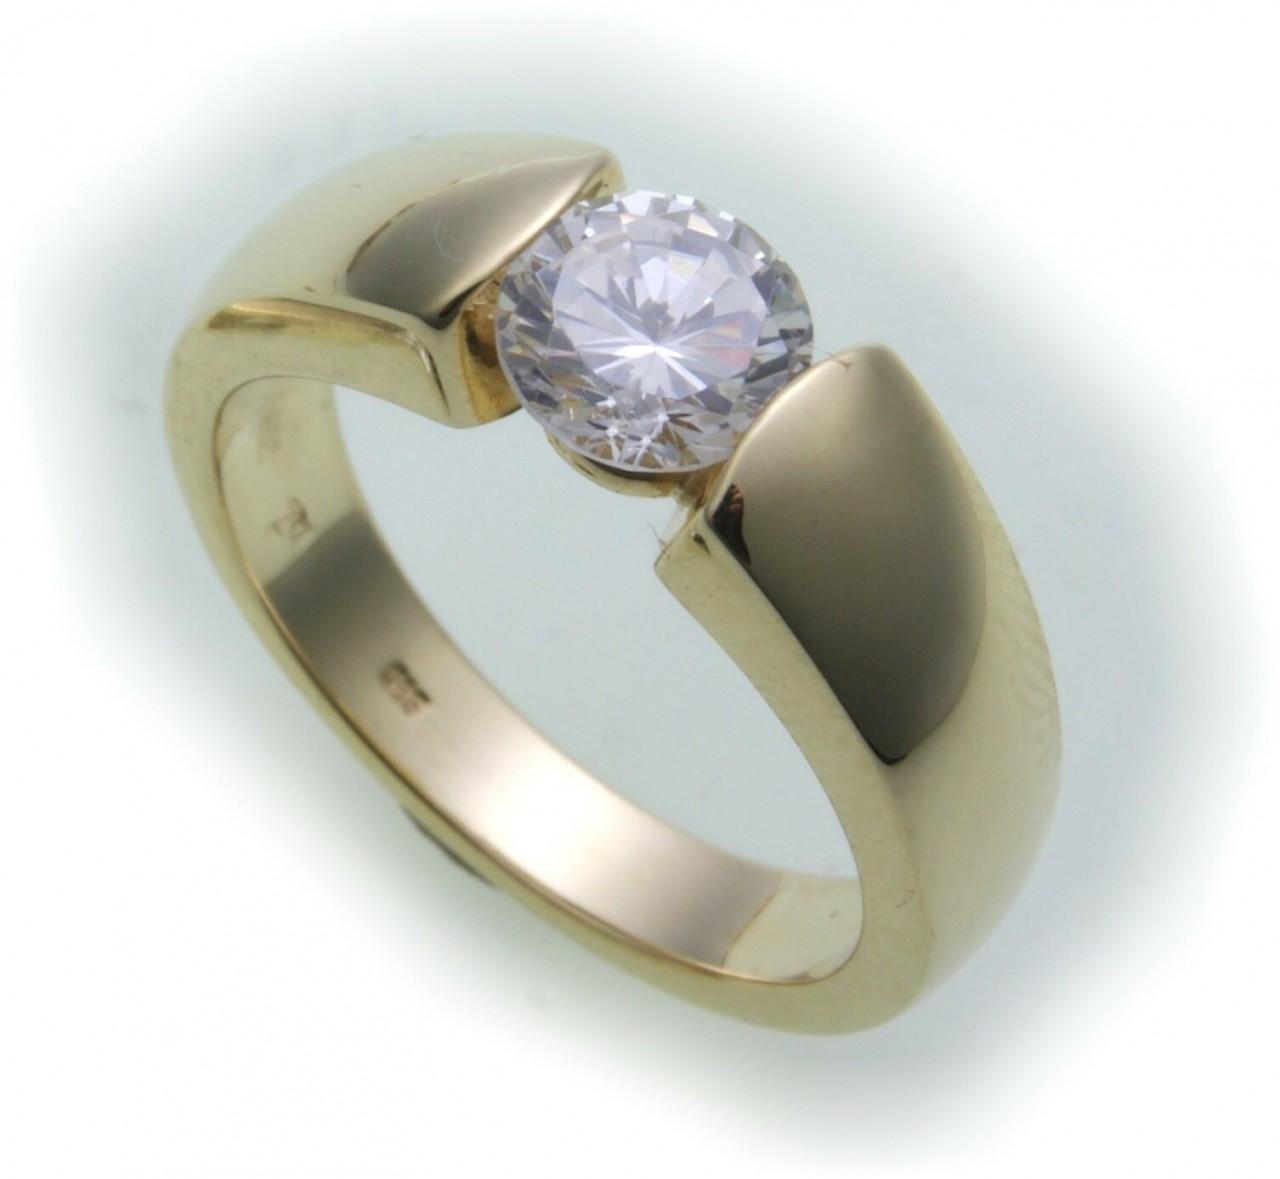 Damen Ring Brillant 1,00 c SI Diamant echt Gold 750 18kt 1,0ct Solitär Gelbgold